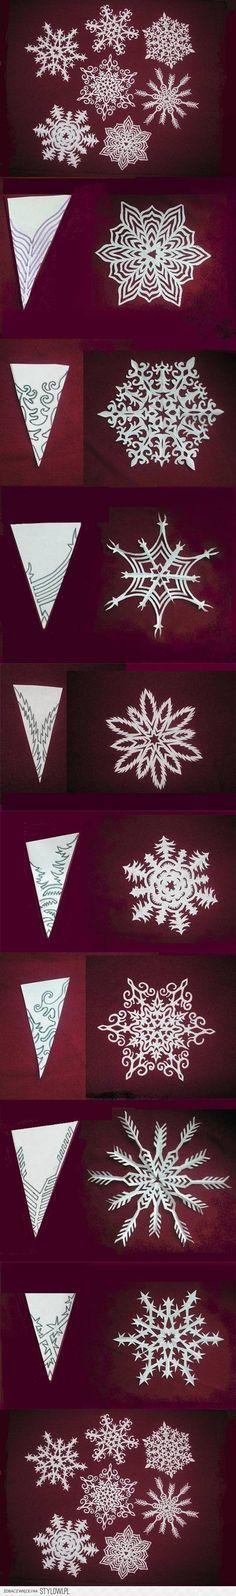 Papier Schneeflocken basteln                                                                                                                                                                                 Mehr